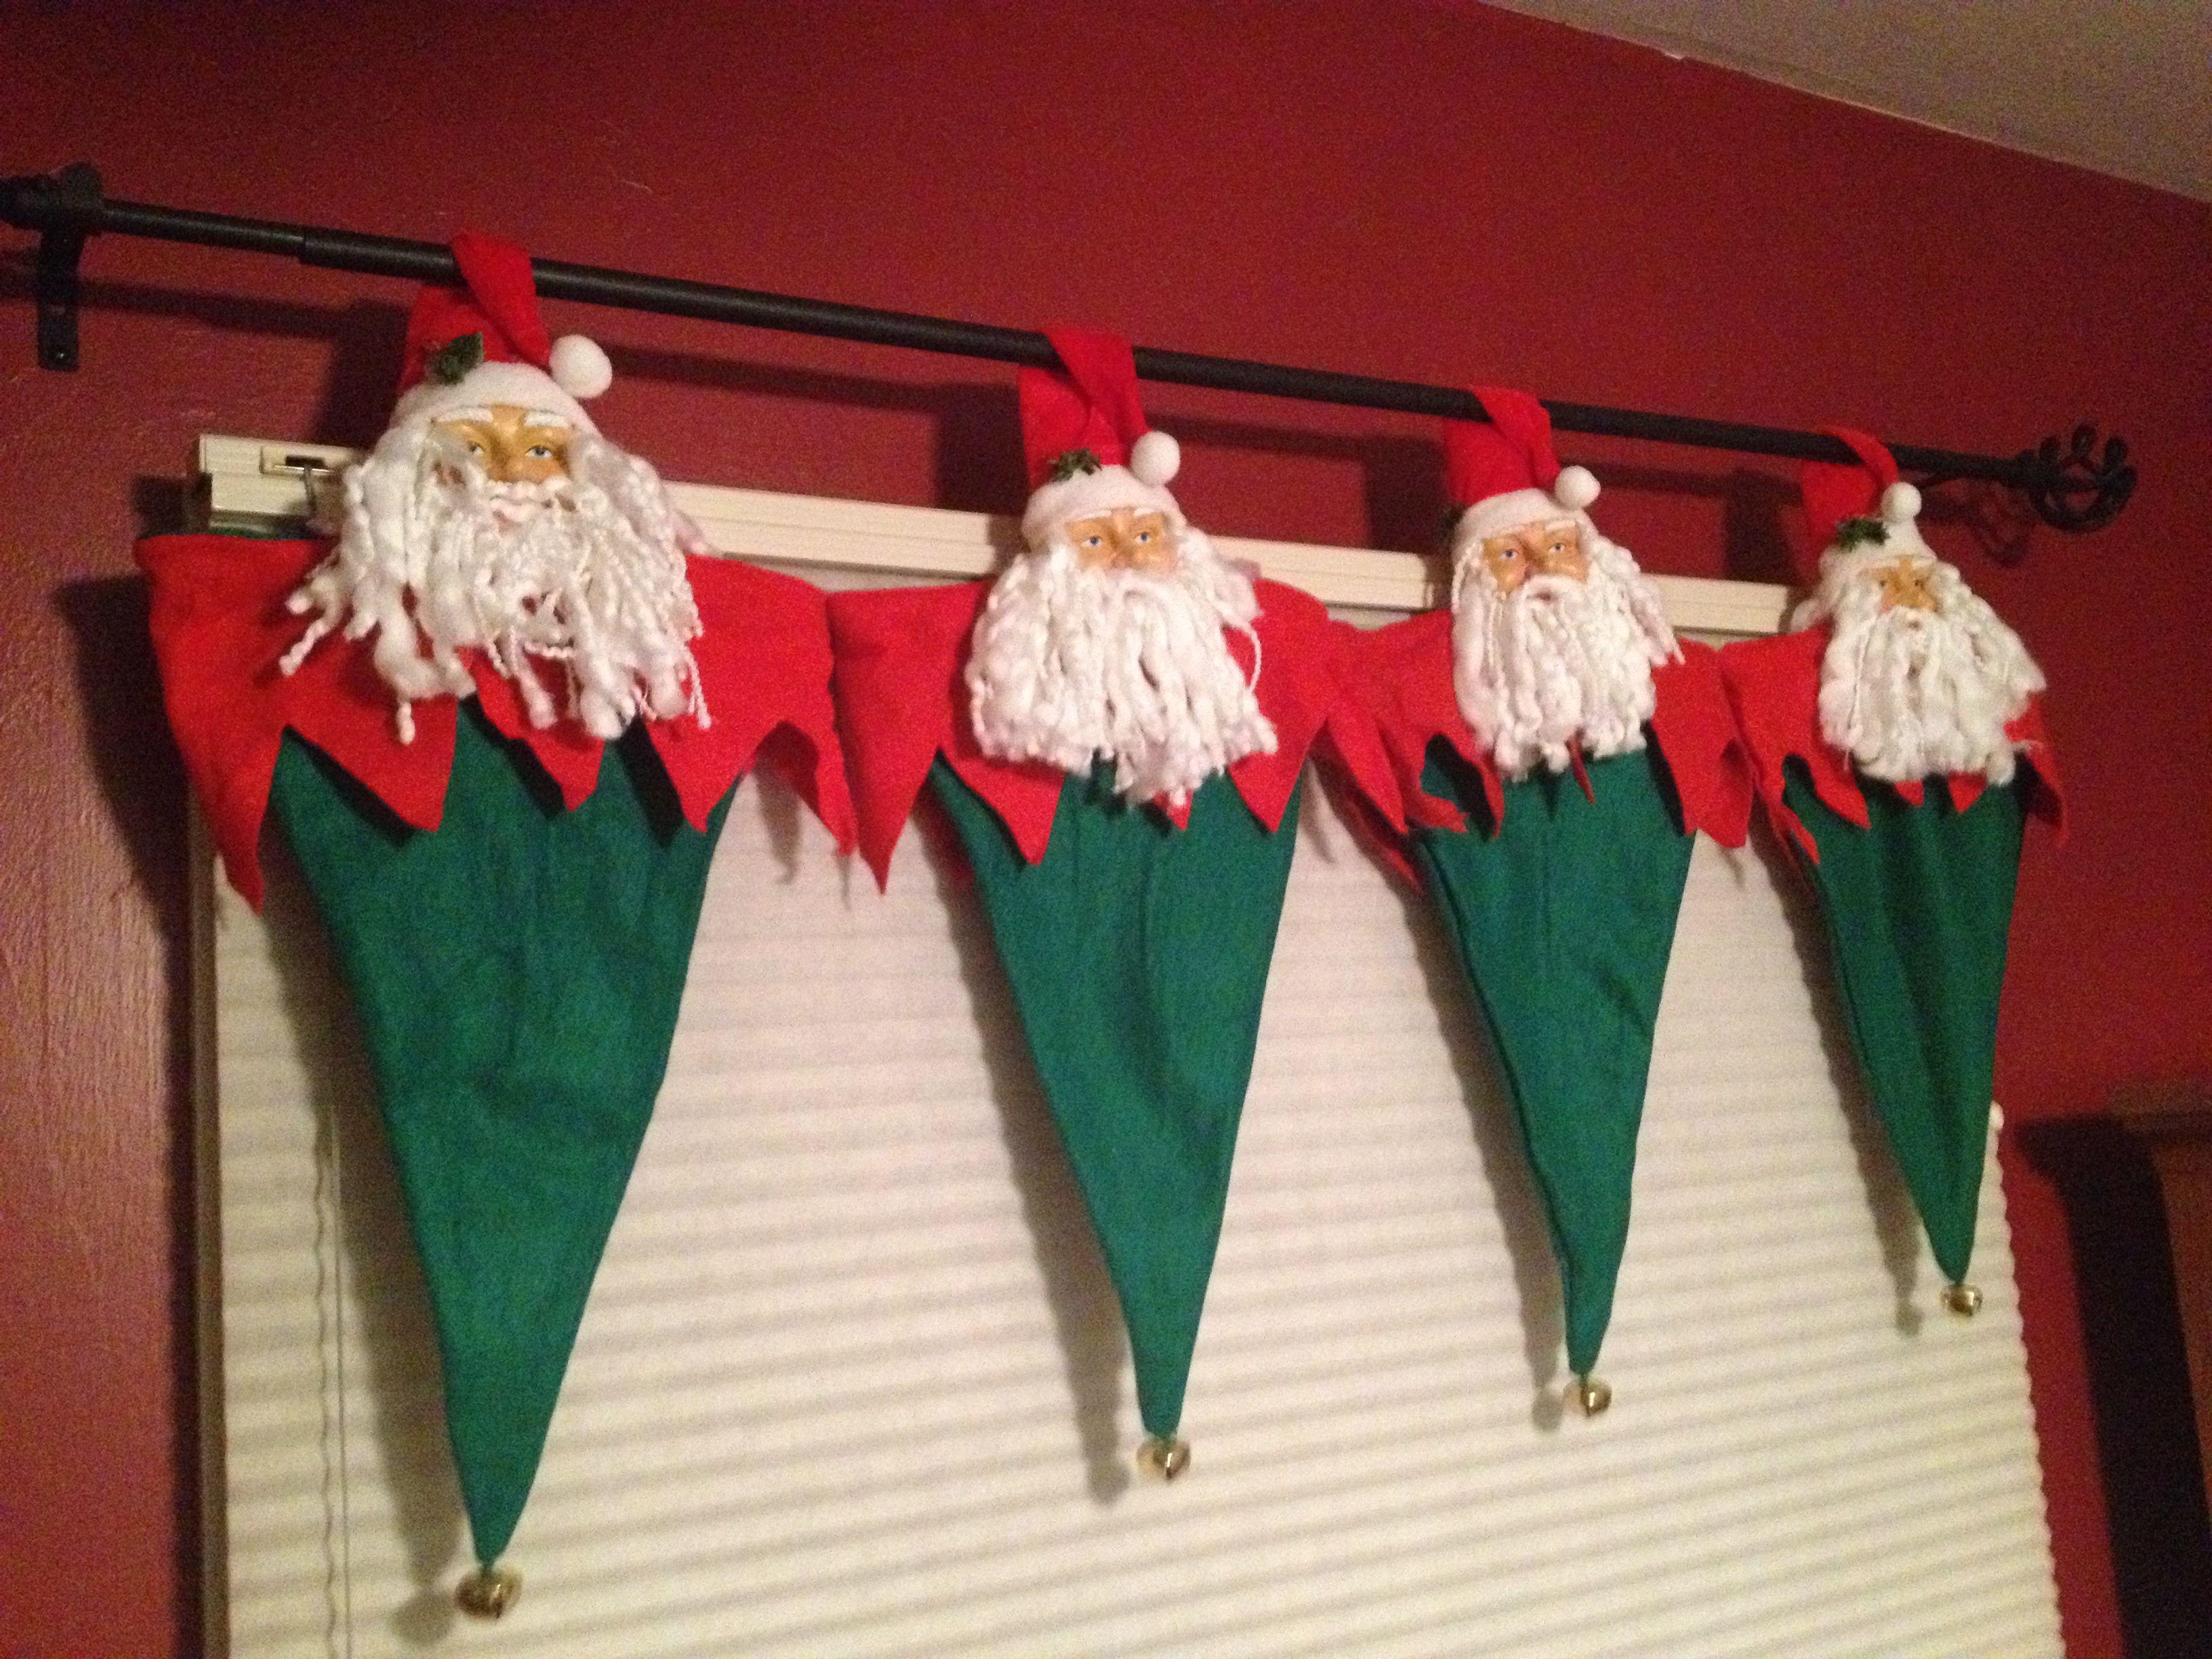 Christmas valances - Home Made Christmas Valance